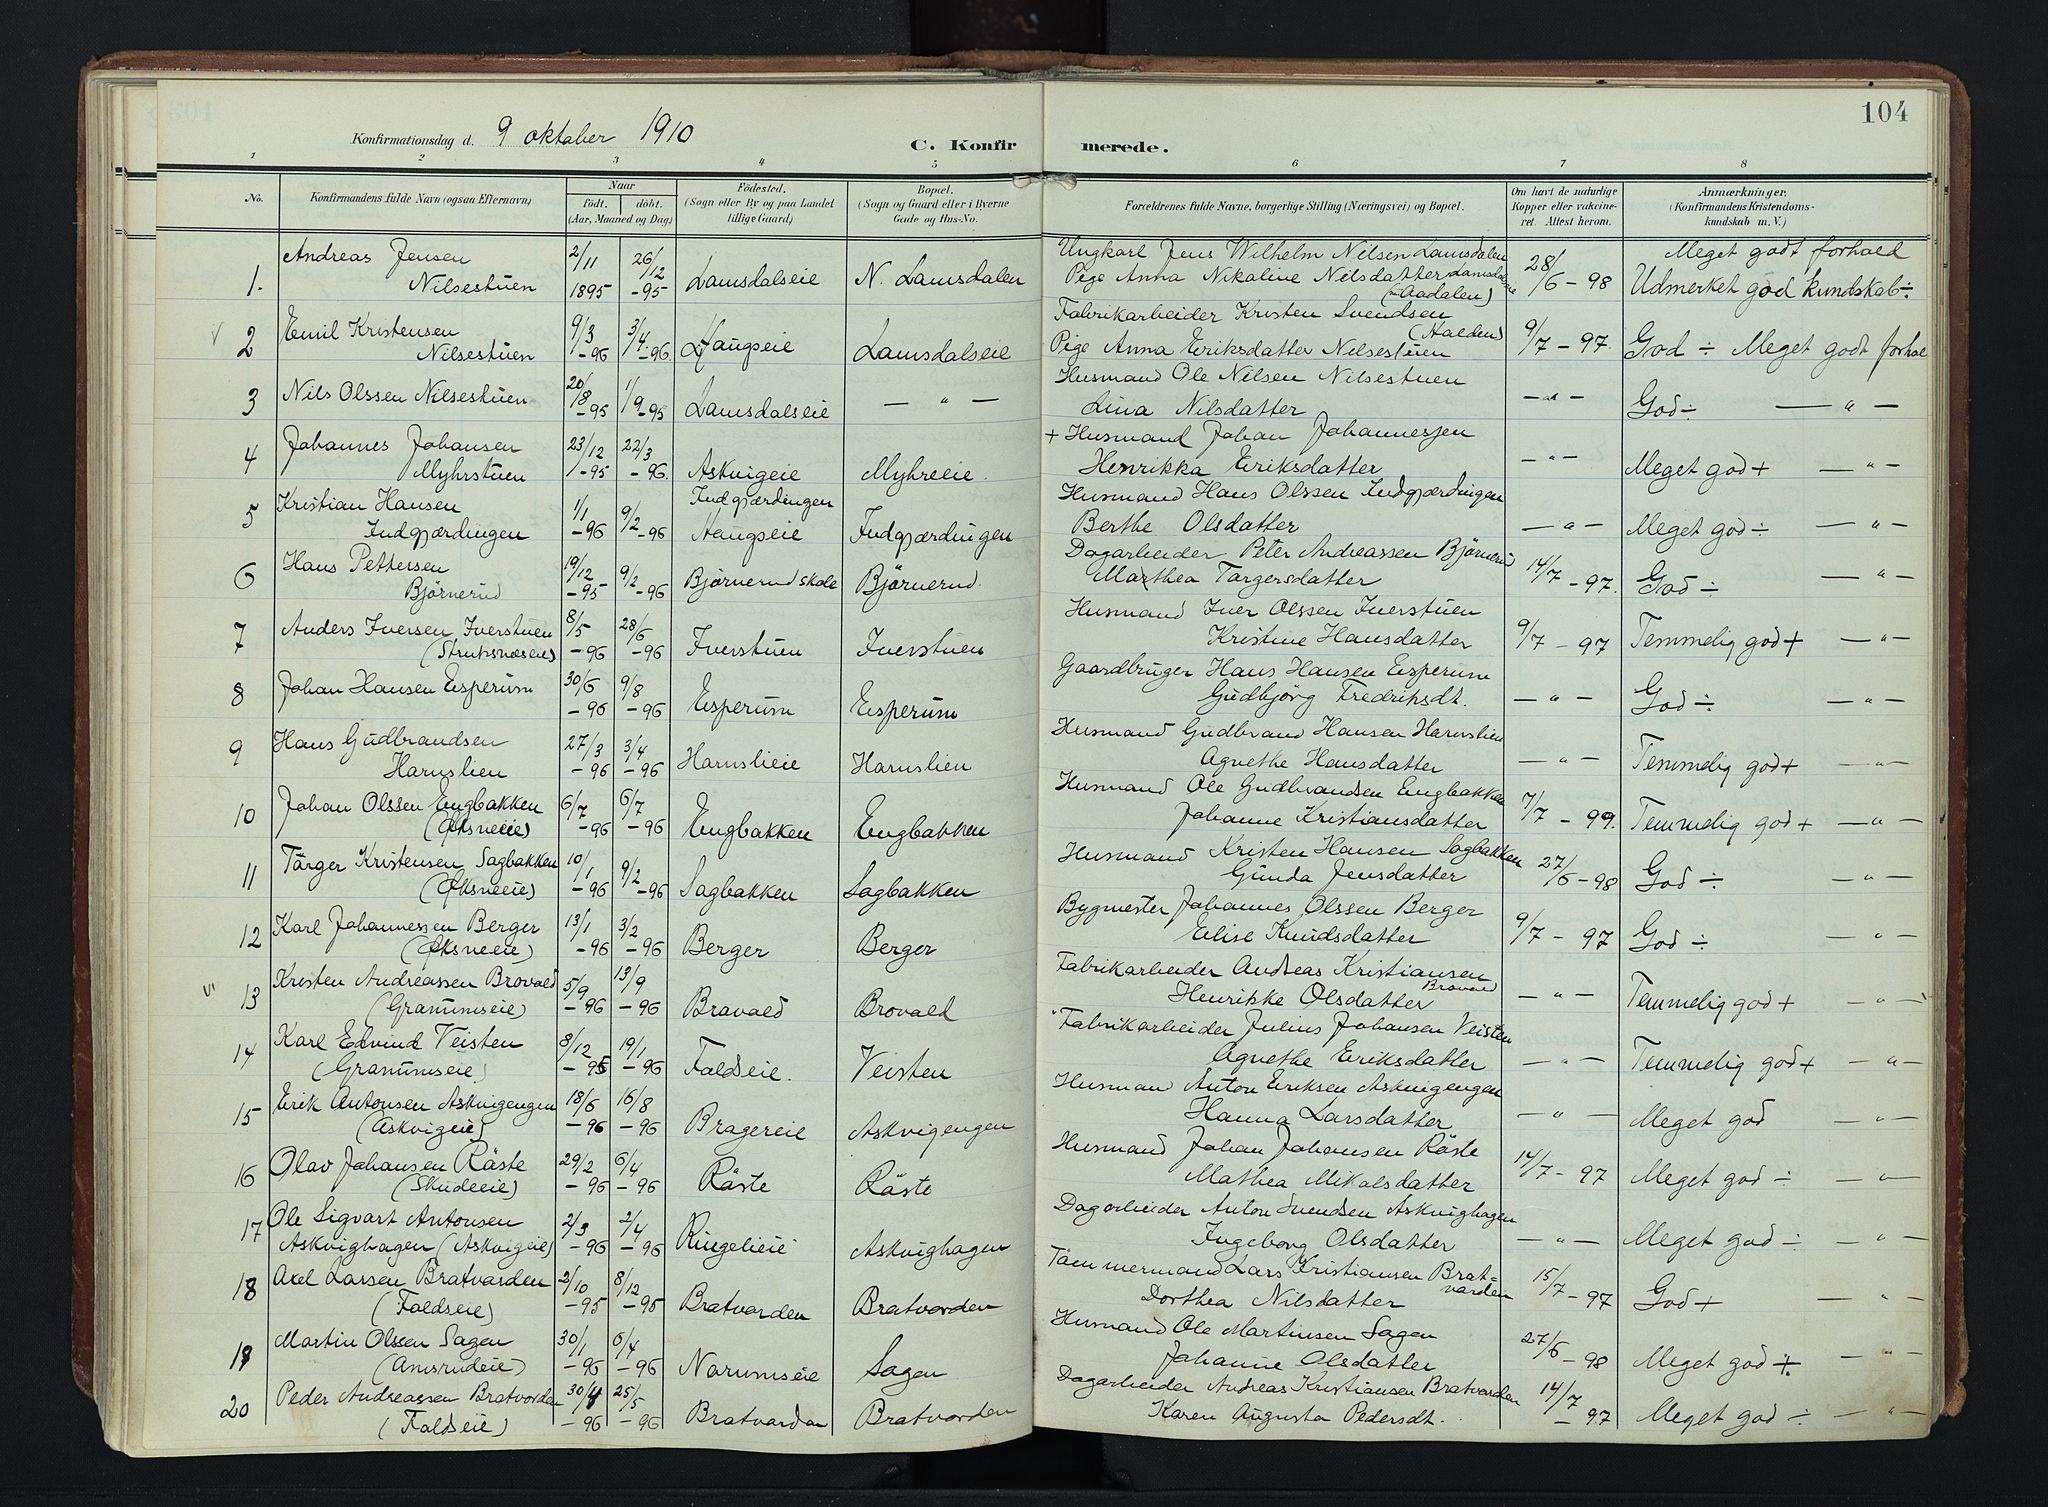 SAH, Søndre Land prestekontor, K/L0007: Ministerialbok nr. 7, 1905-1914, s. 104